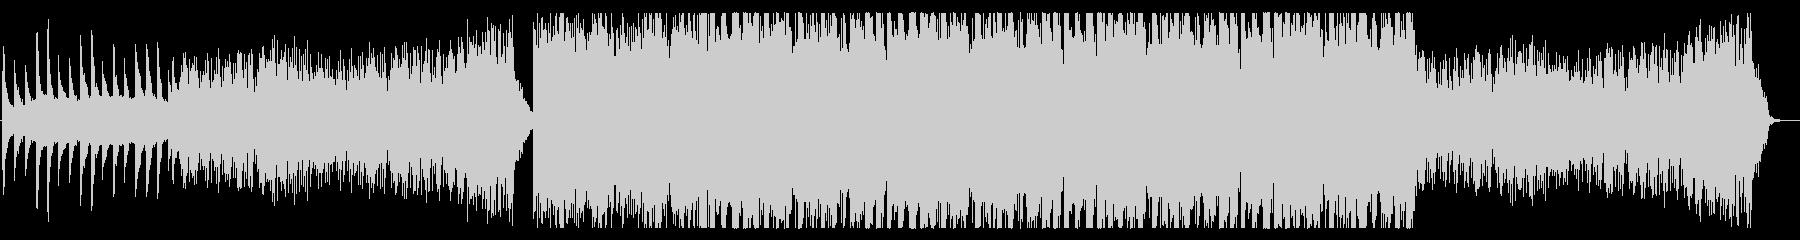 壮大に広がるピアノ・絶景 ・感動系・声入の未再生の波形